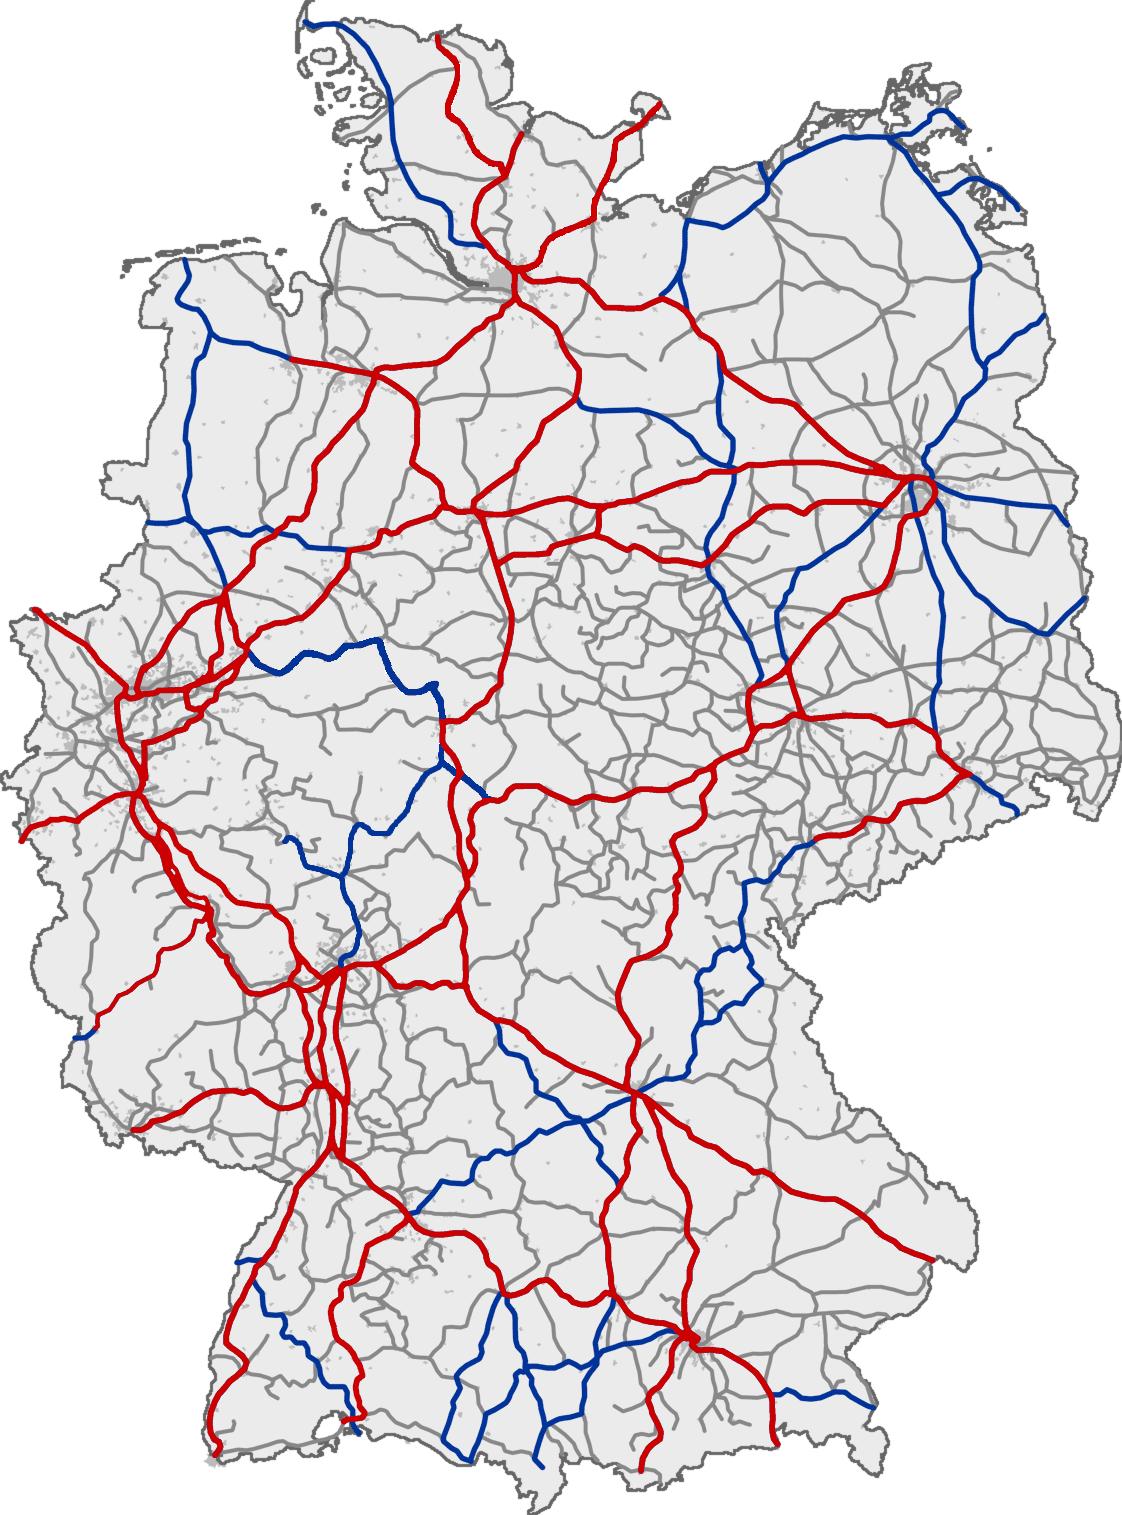 eisenbahnnetz deutschland karte File:Bahn Streckenkarte Deutschland 06 2010.png   Wikimedia Commons